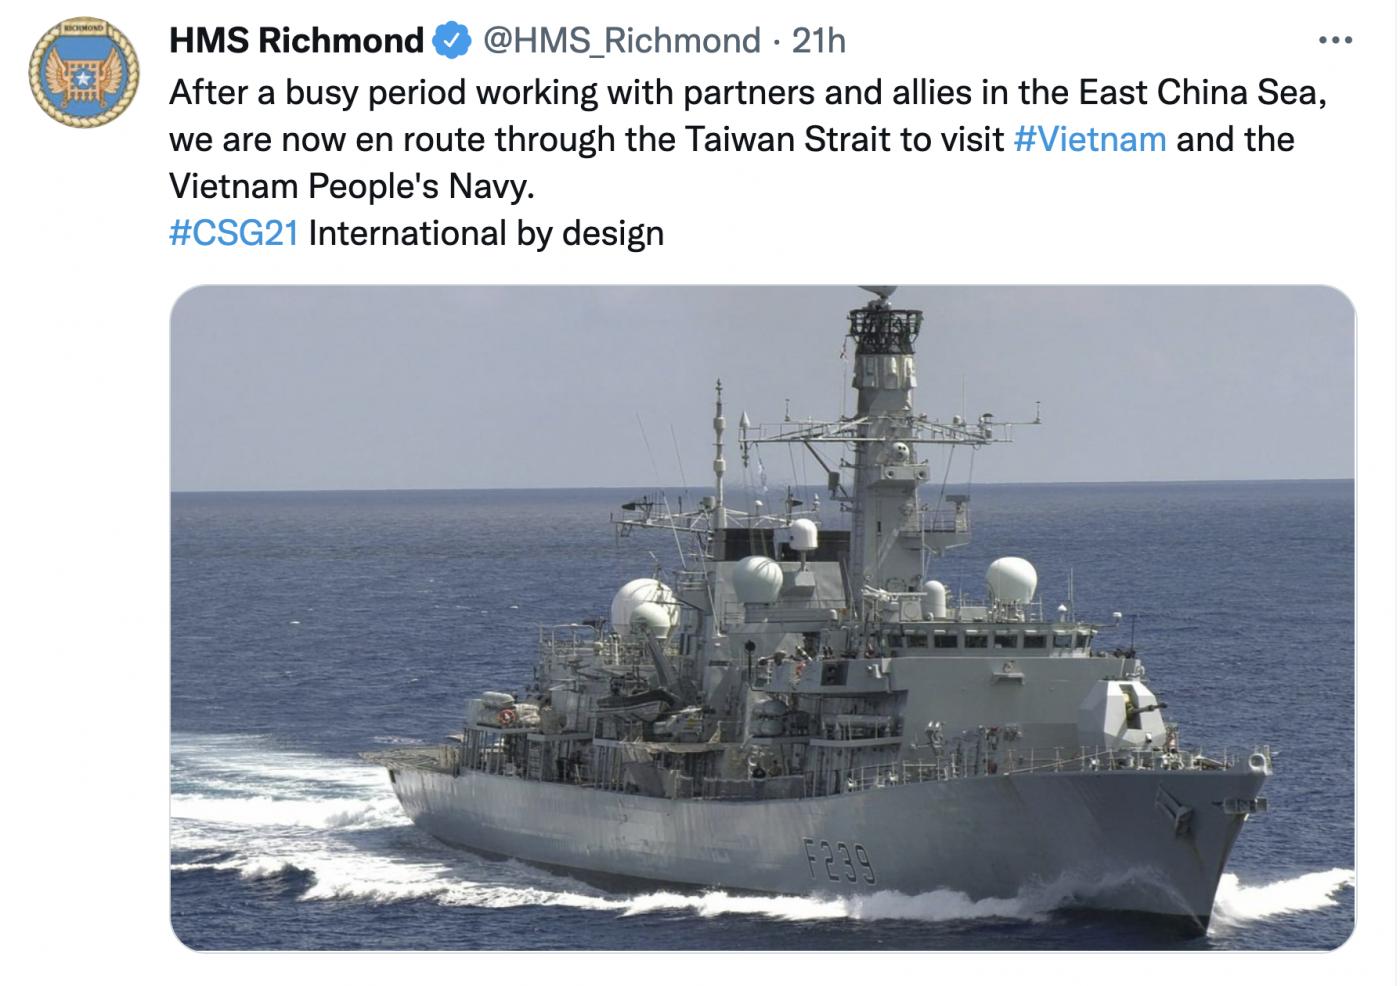 英舰穿越台湾海峡:给美国的投名状_图1-1